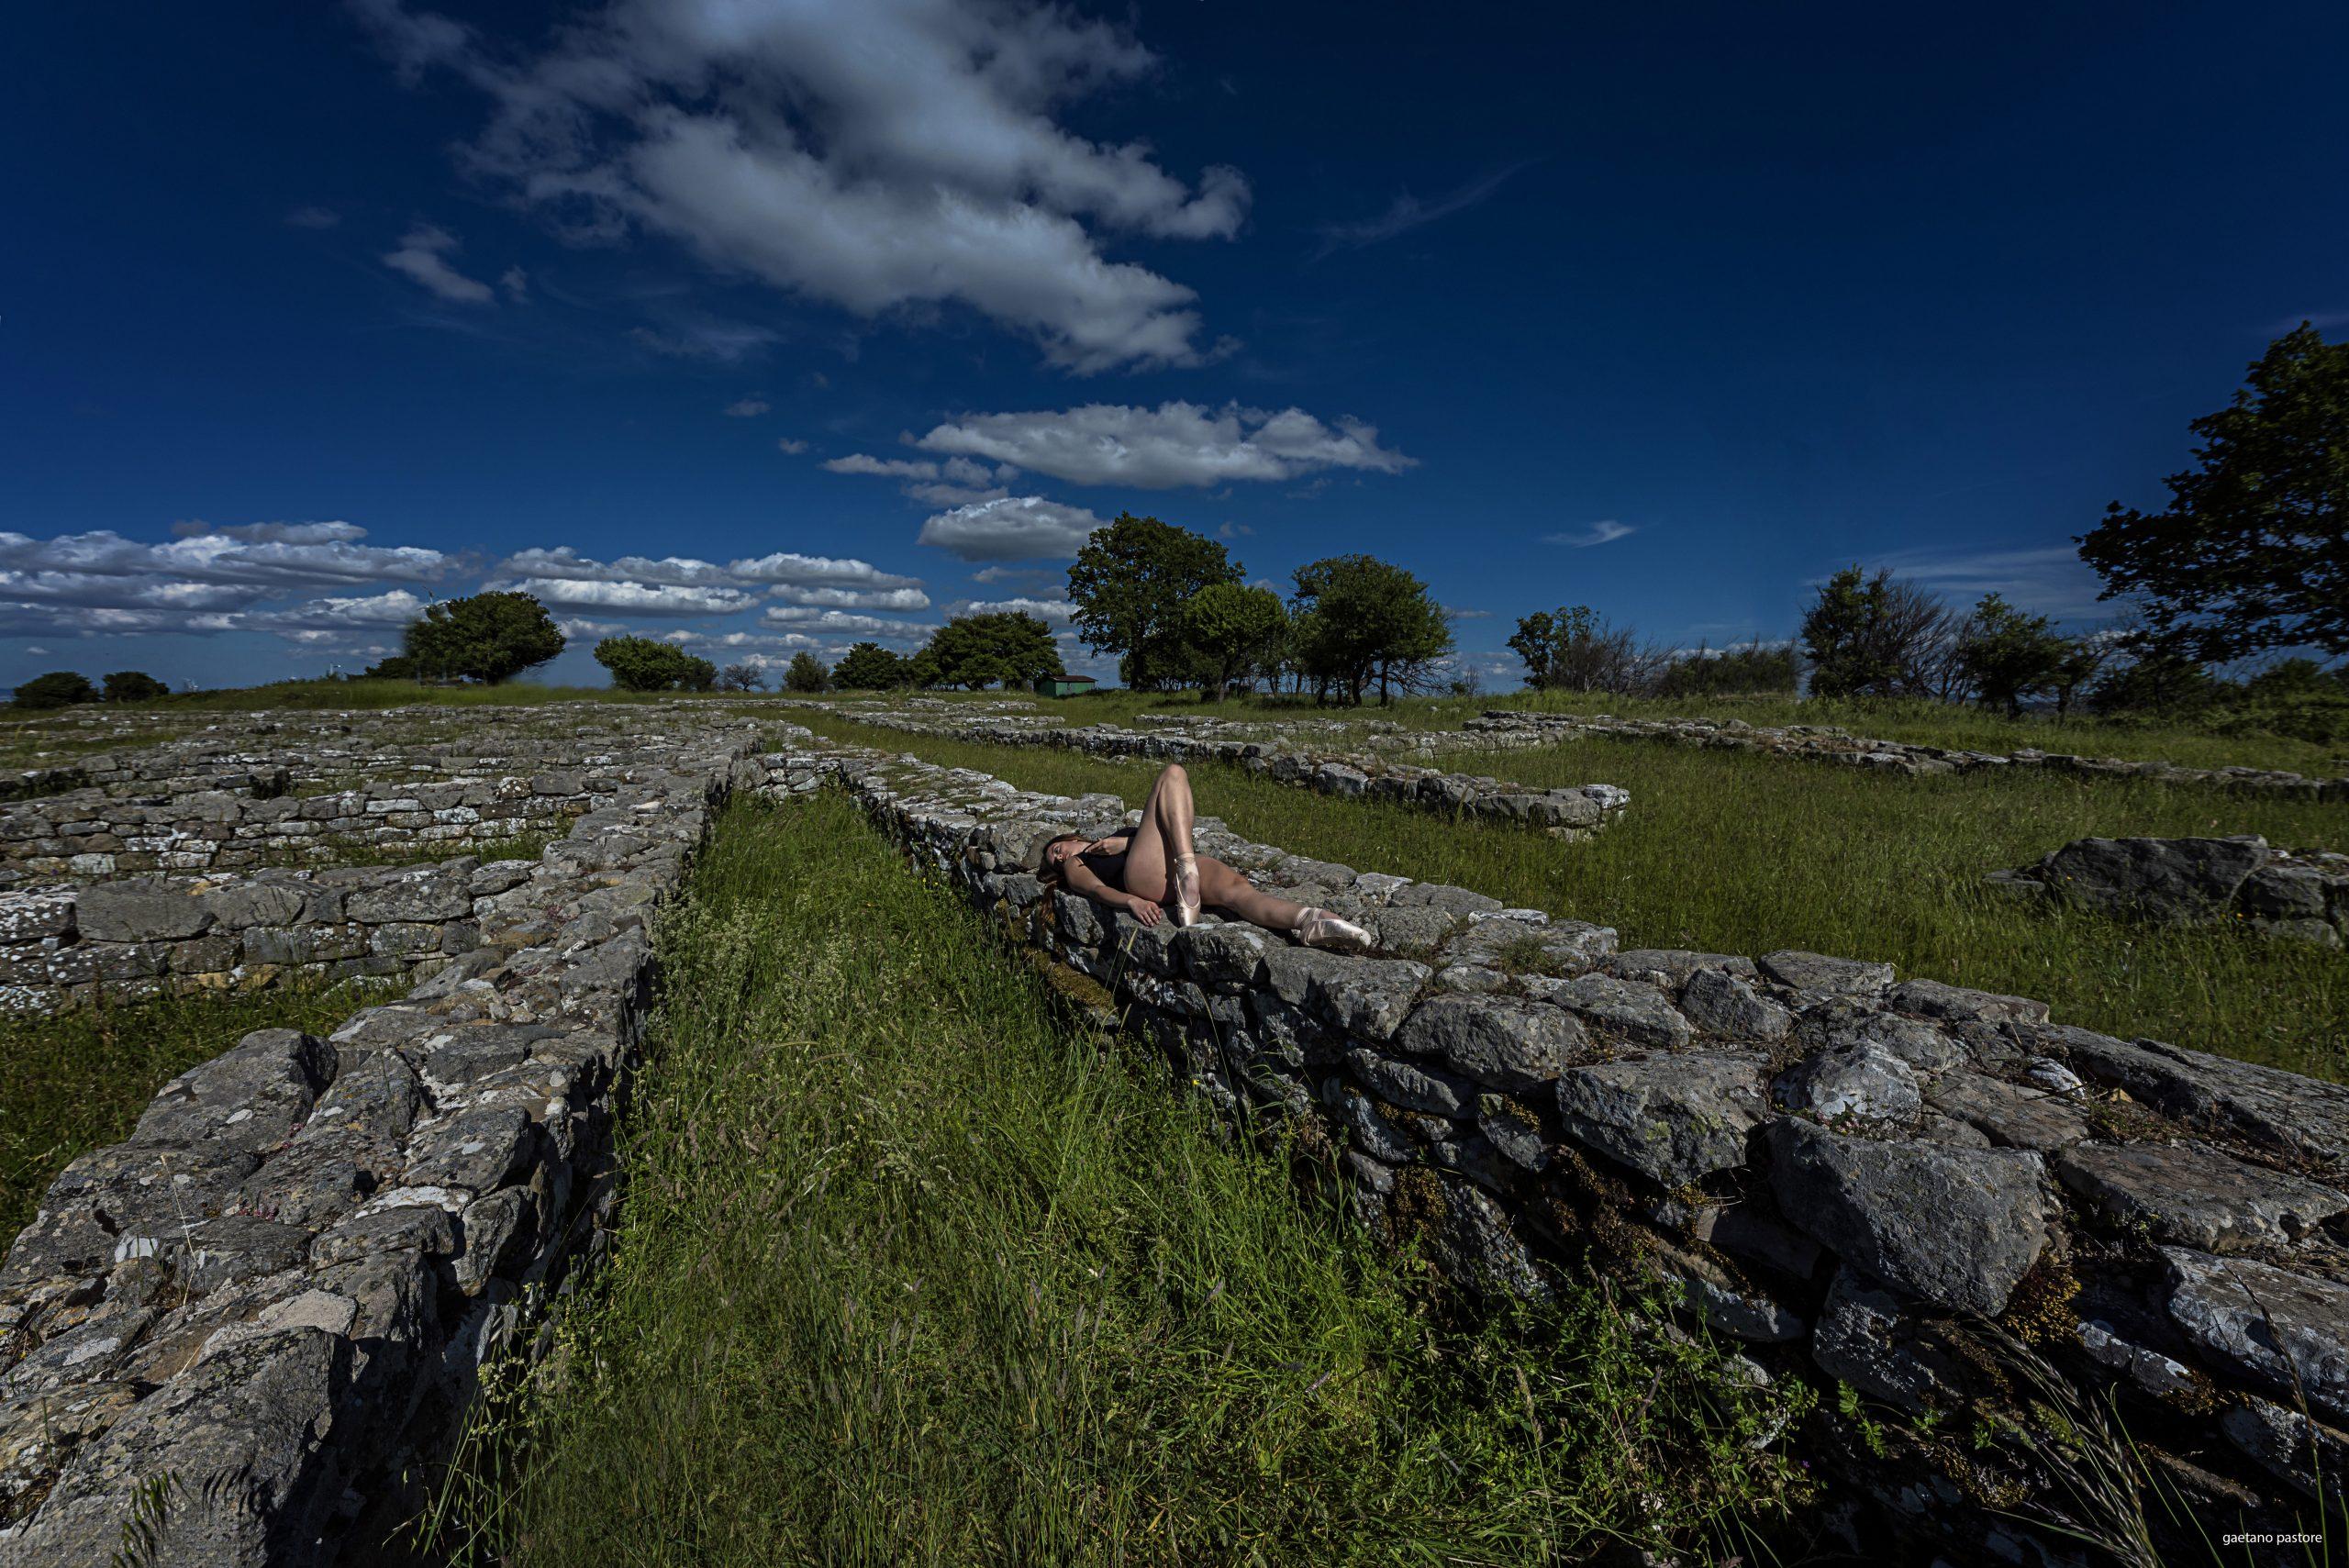 Categorie: Glamour, Landscape & Nature; Photographer: GAETANO PASTORE; Model: LORENZA GALLO; Location: Parco archeologico di Serra di Vaglio, Vaglio Basilicata, PZ, Italia